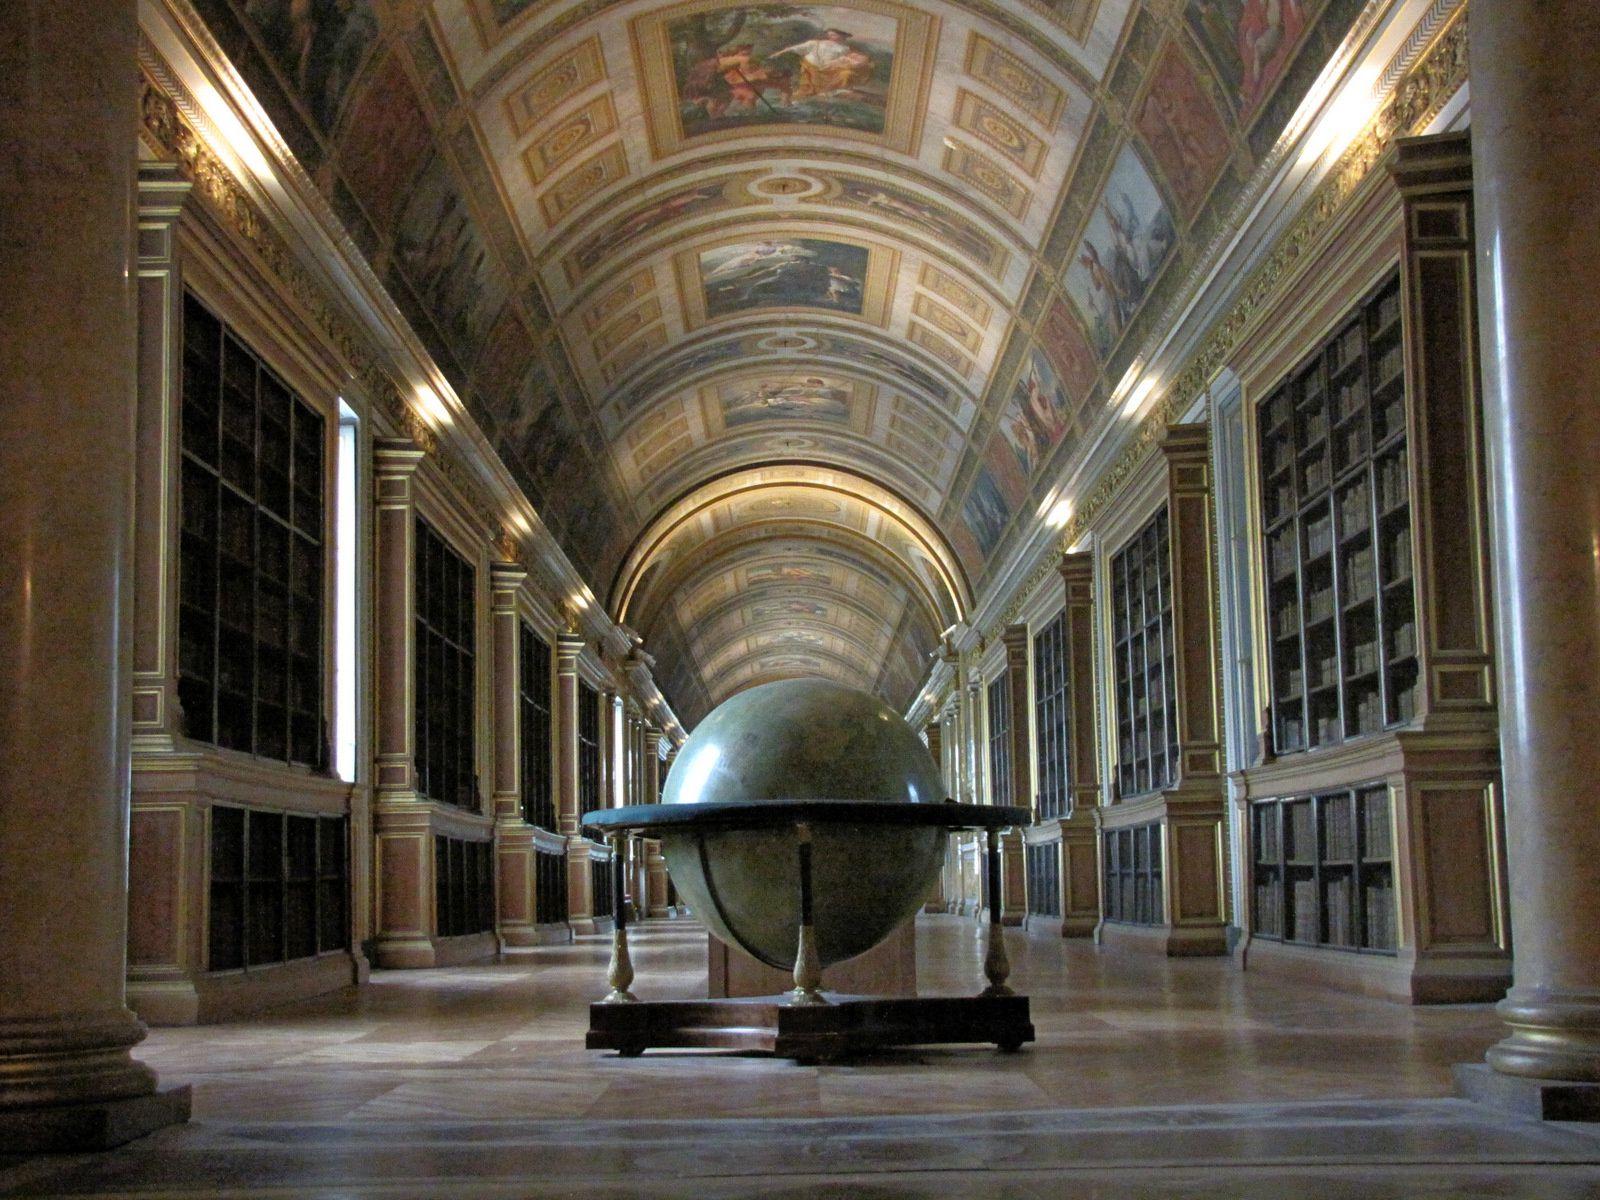 Galerie de Diane, château de Fontainebleau